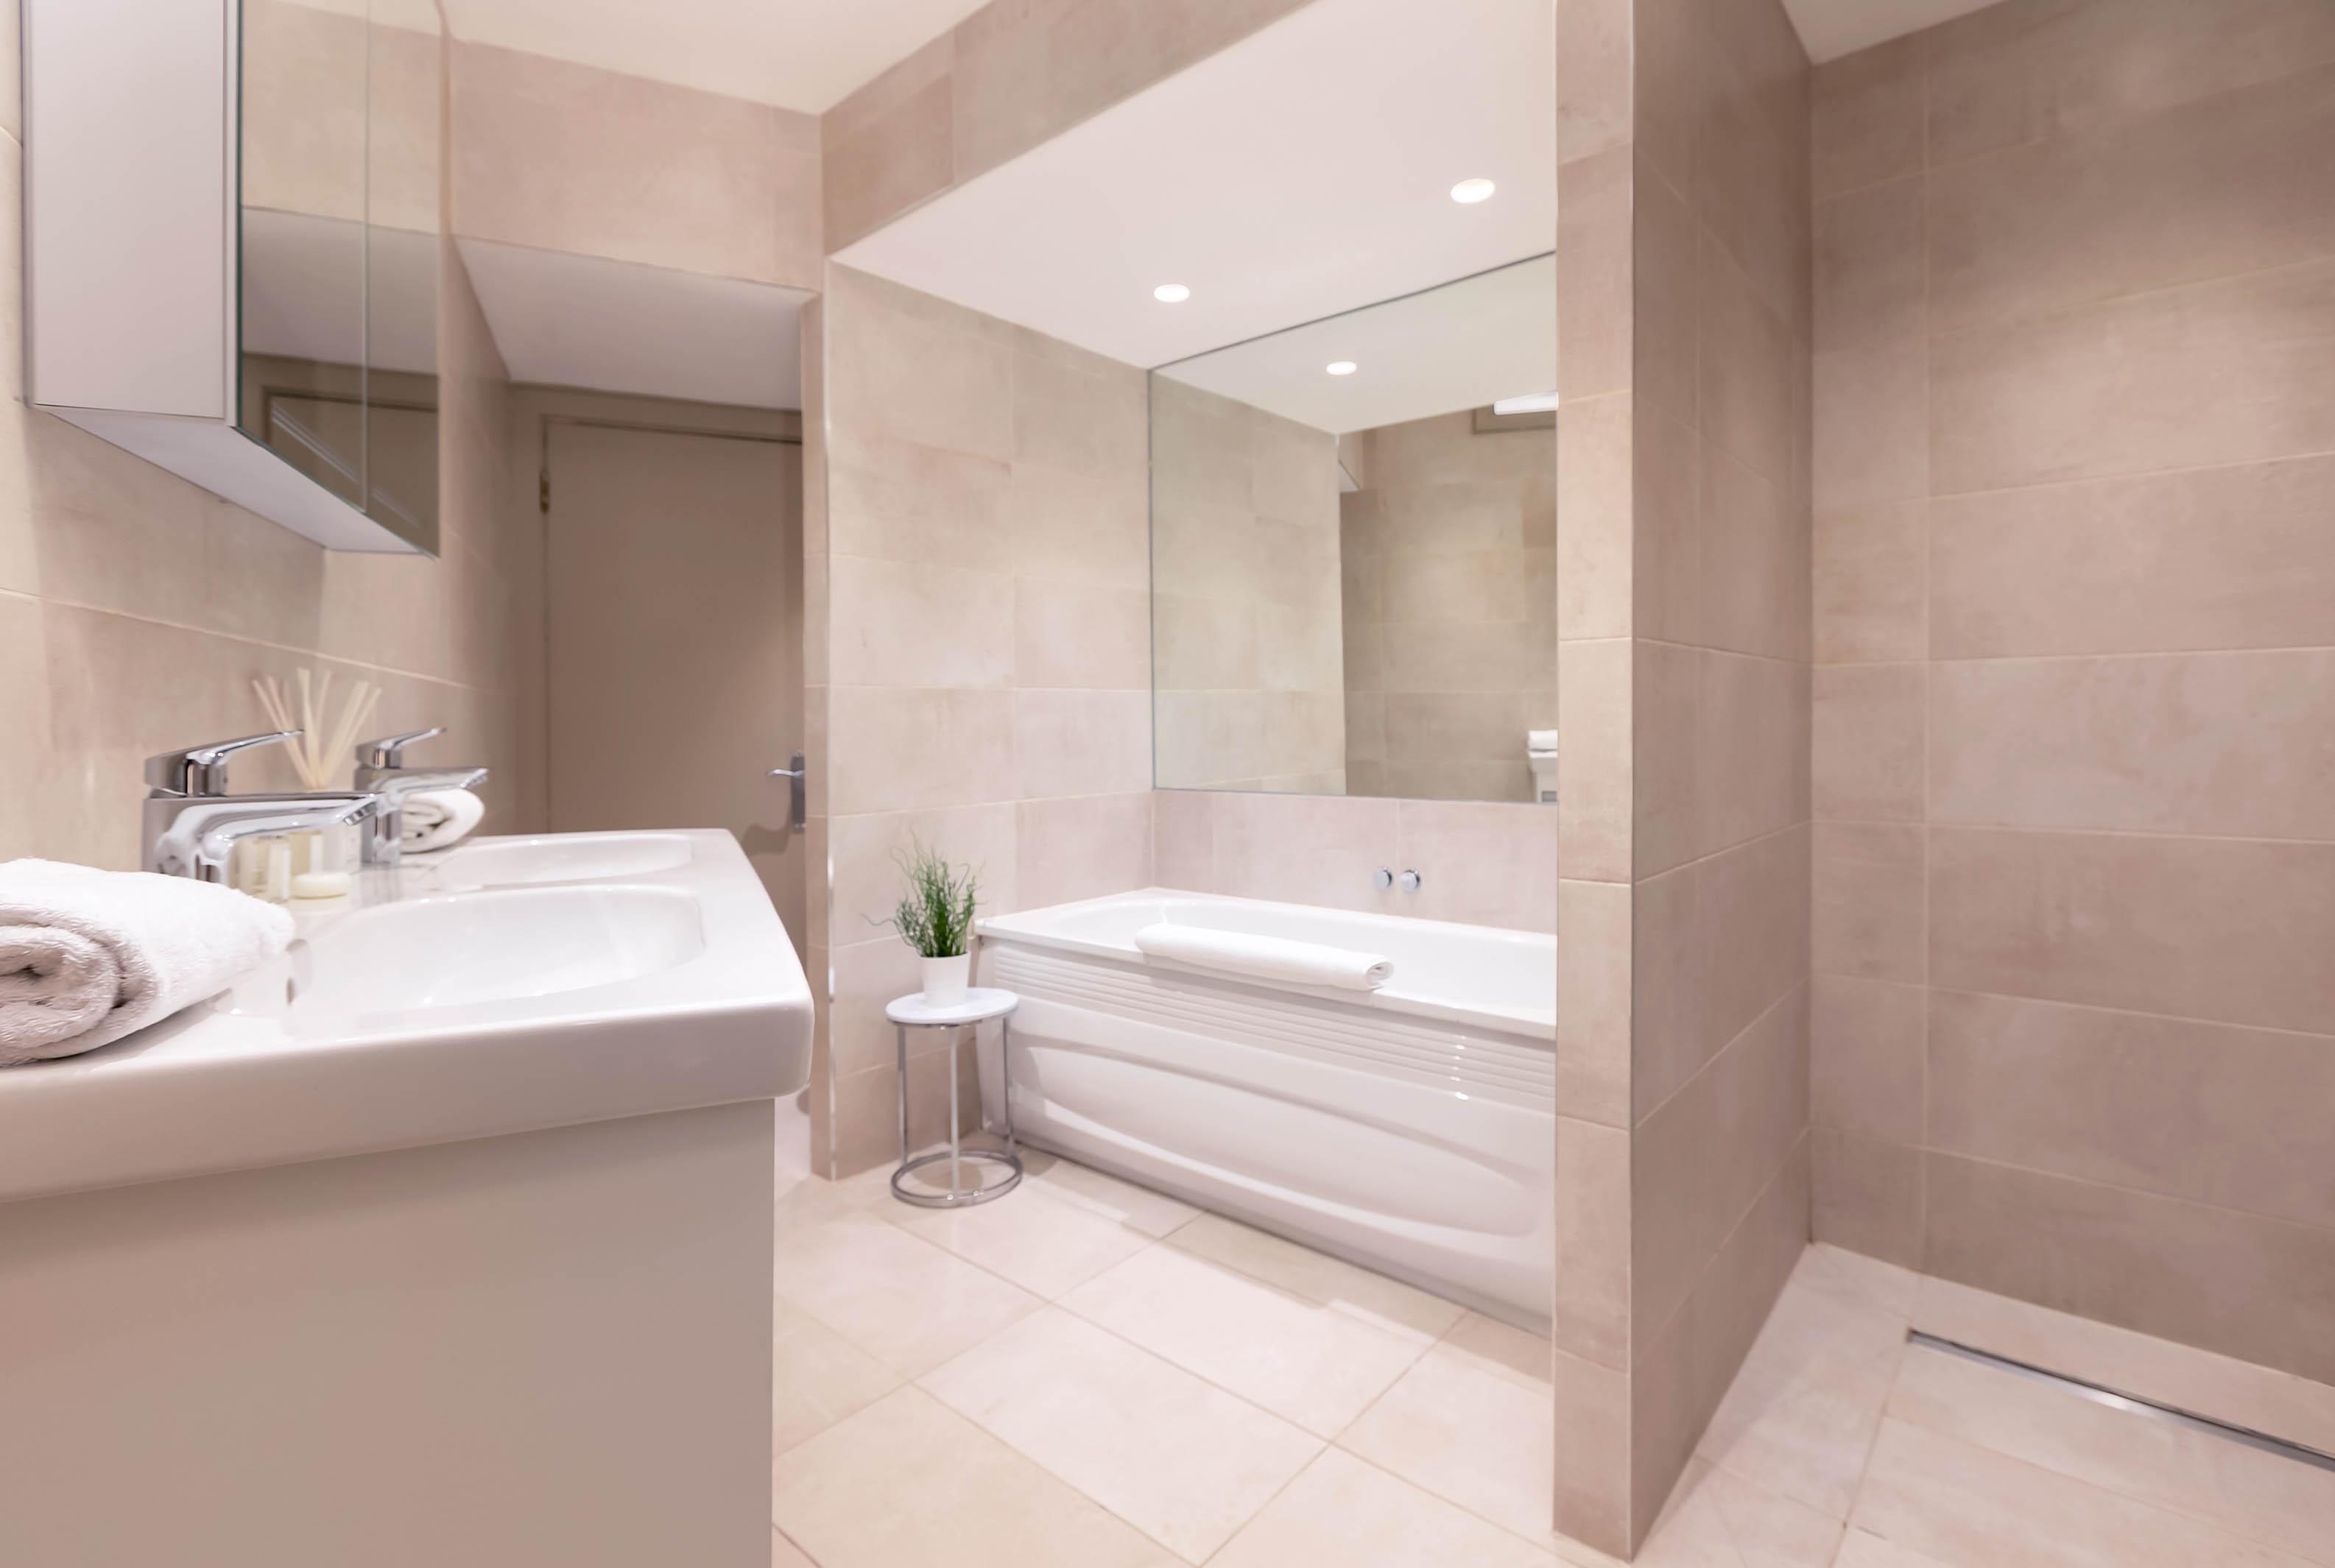 Lovelydays luxury service apartment rental - London - Fitzrovia - Wells Mews B - Lovelysuite - 2 bedrooms - 2 bathrooms - Beautiful bathtub - 643f1a25d302 - Lovelydays